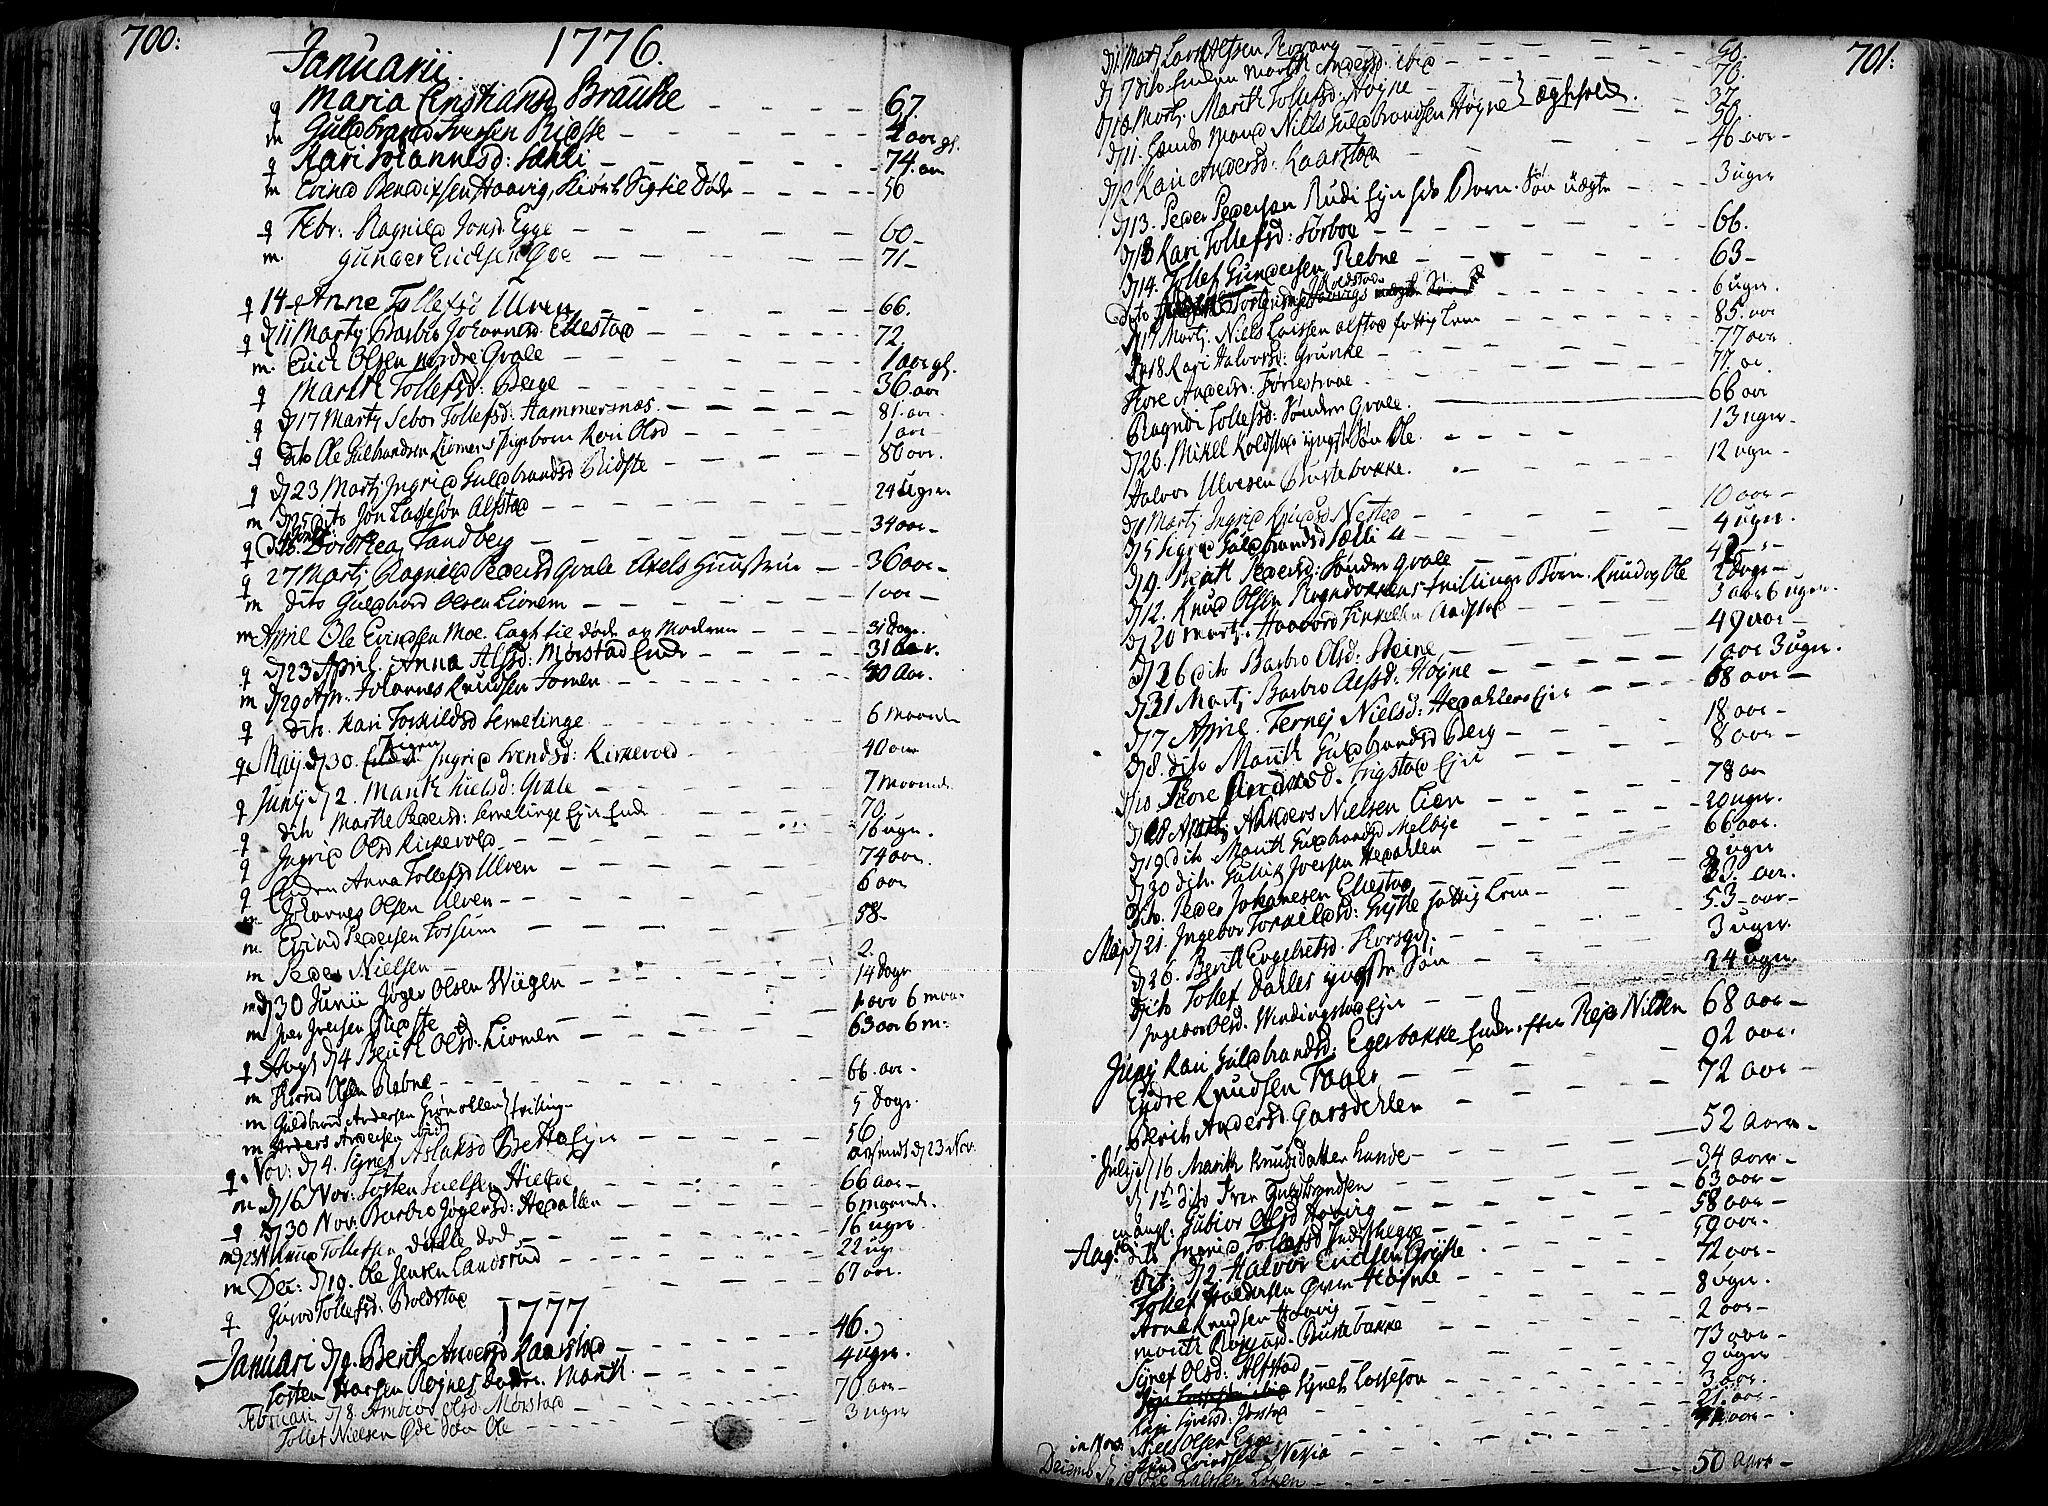 SAH, Slidre prestekontor, Ministerialbok nr. 1, 1724-1814, s. 700-701